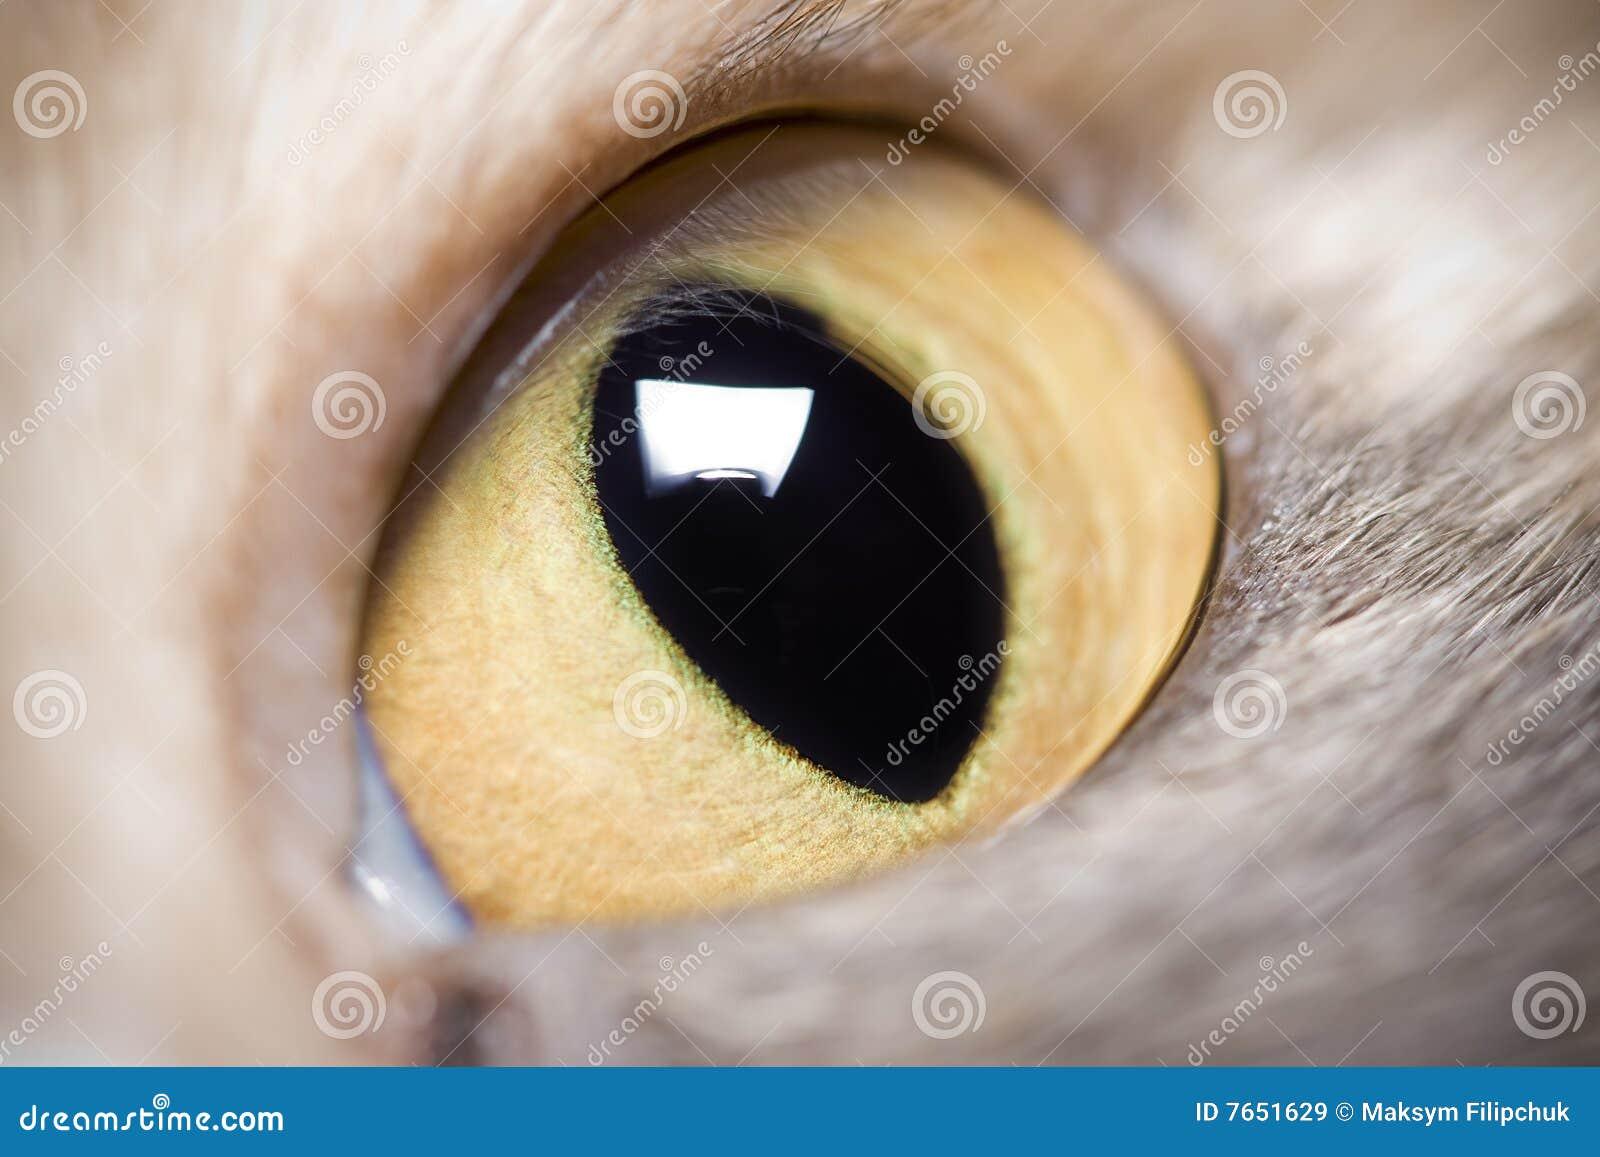 Animal Eye Close up Drawing Animal Eyes Close up